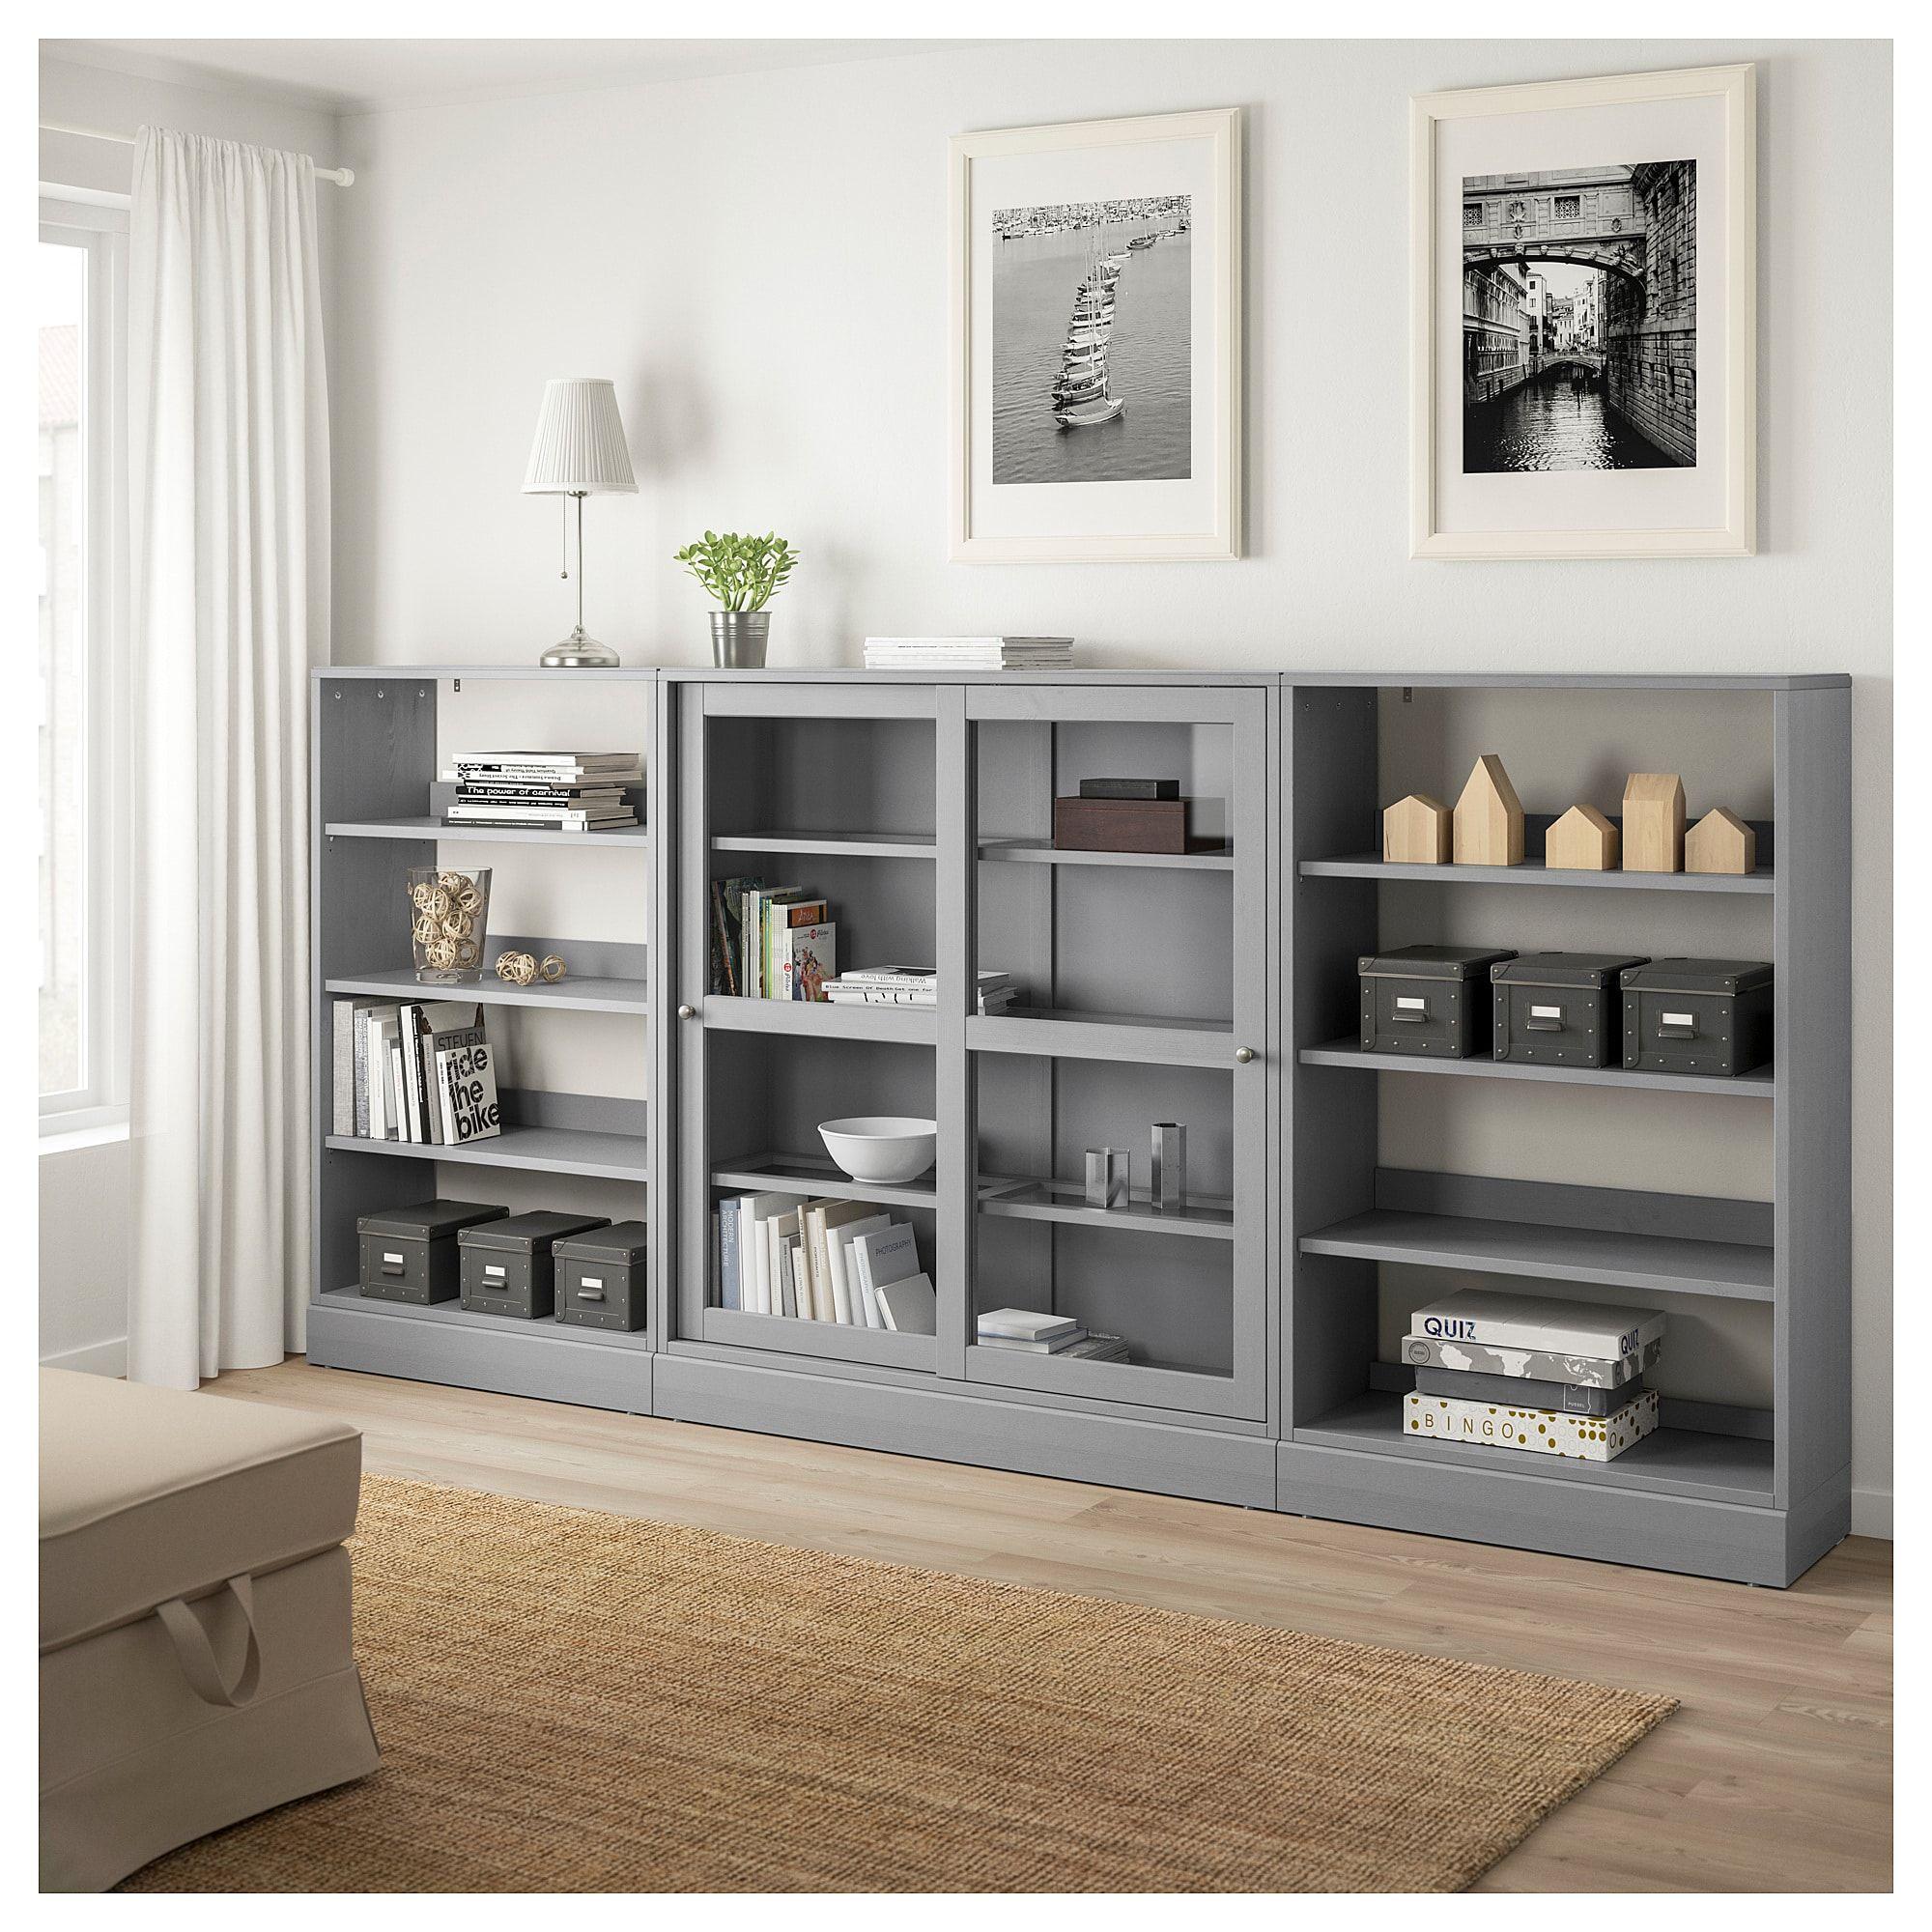 Soggiorno Mobile Ad Angolo Ikea.Ikea Havsta Storage With Sliding Glass Doors Gray Arredamento